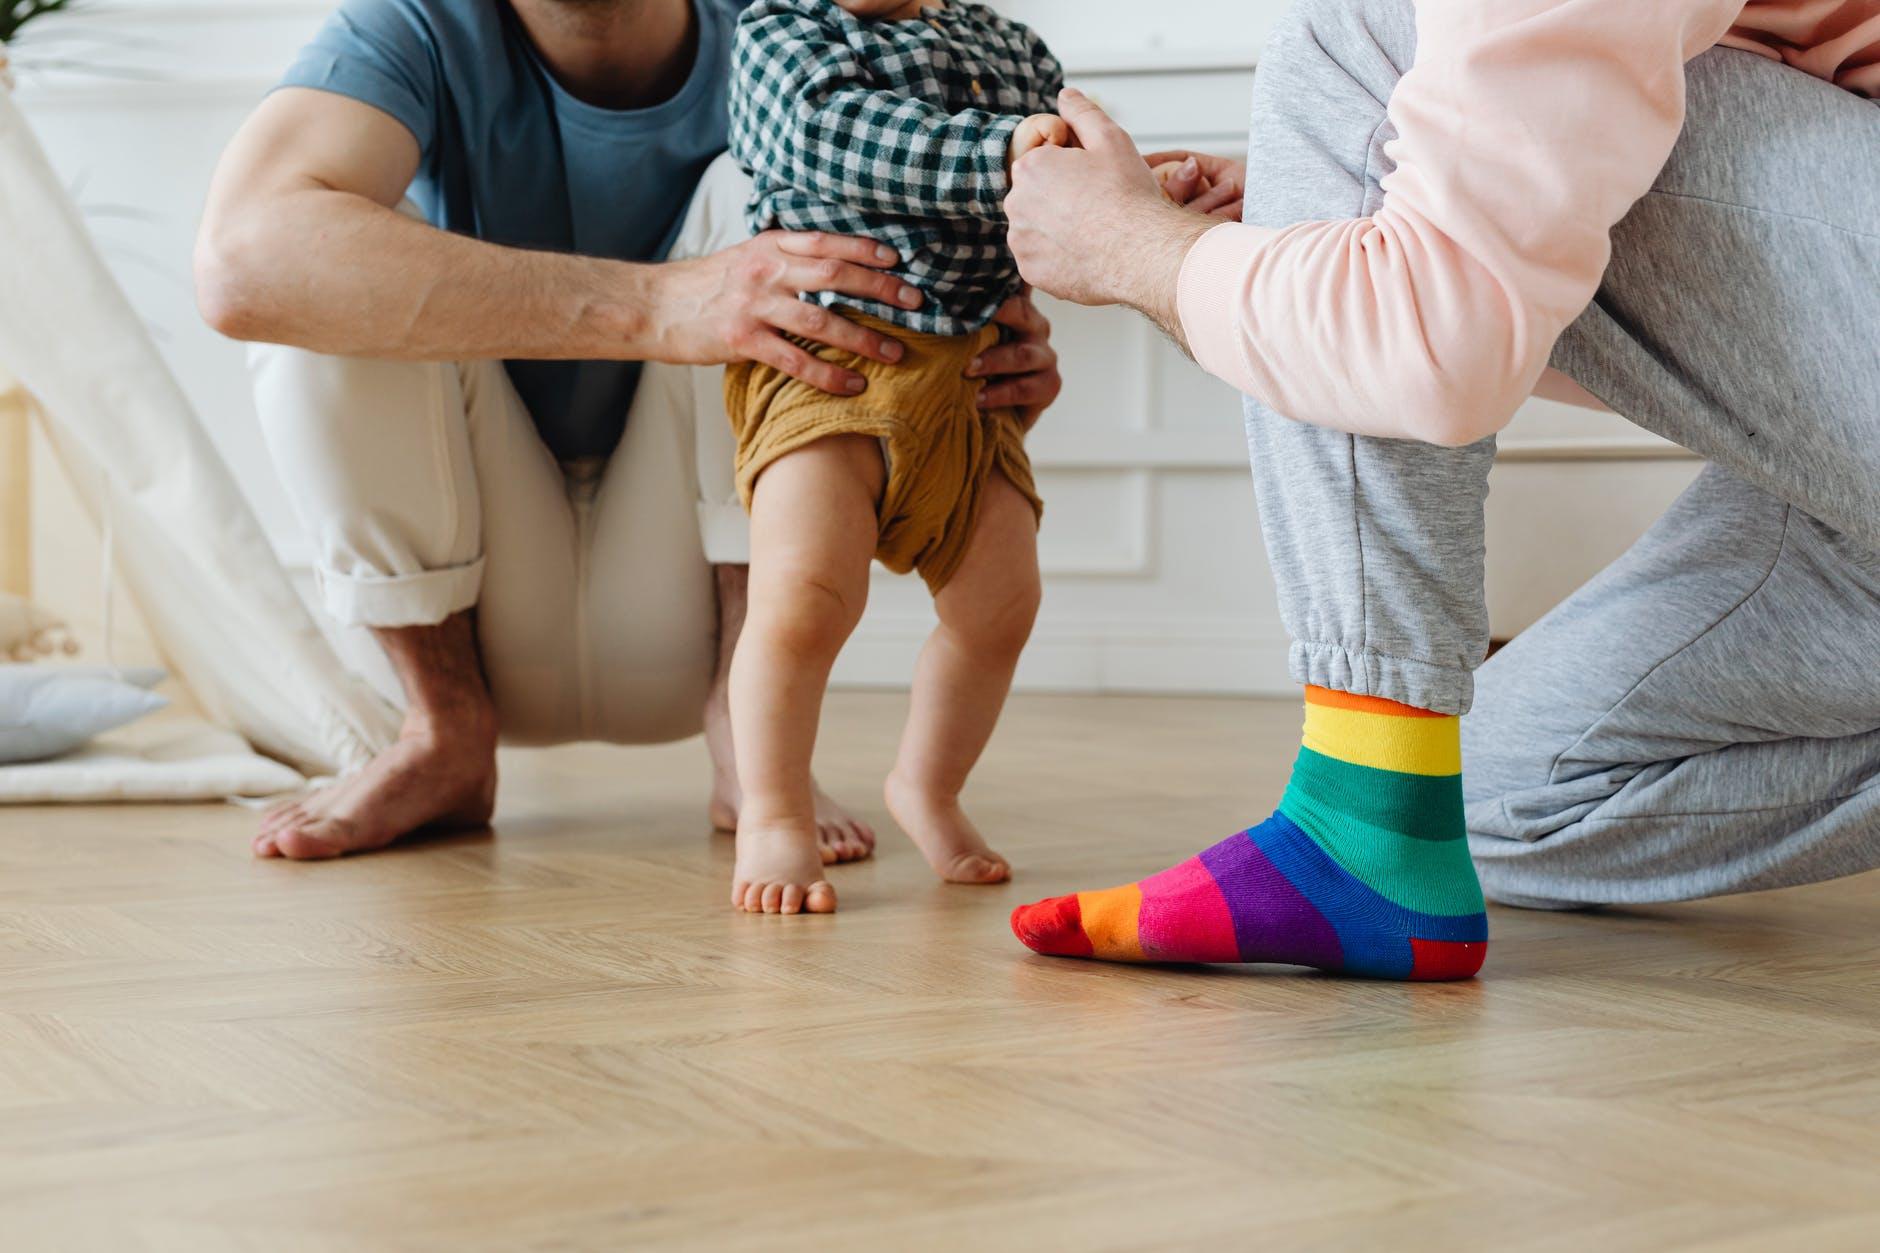 Геи и лесбиянки Израиля воспользуются суррогатным материнством